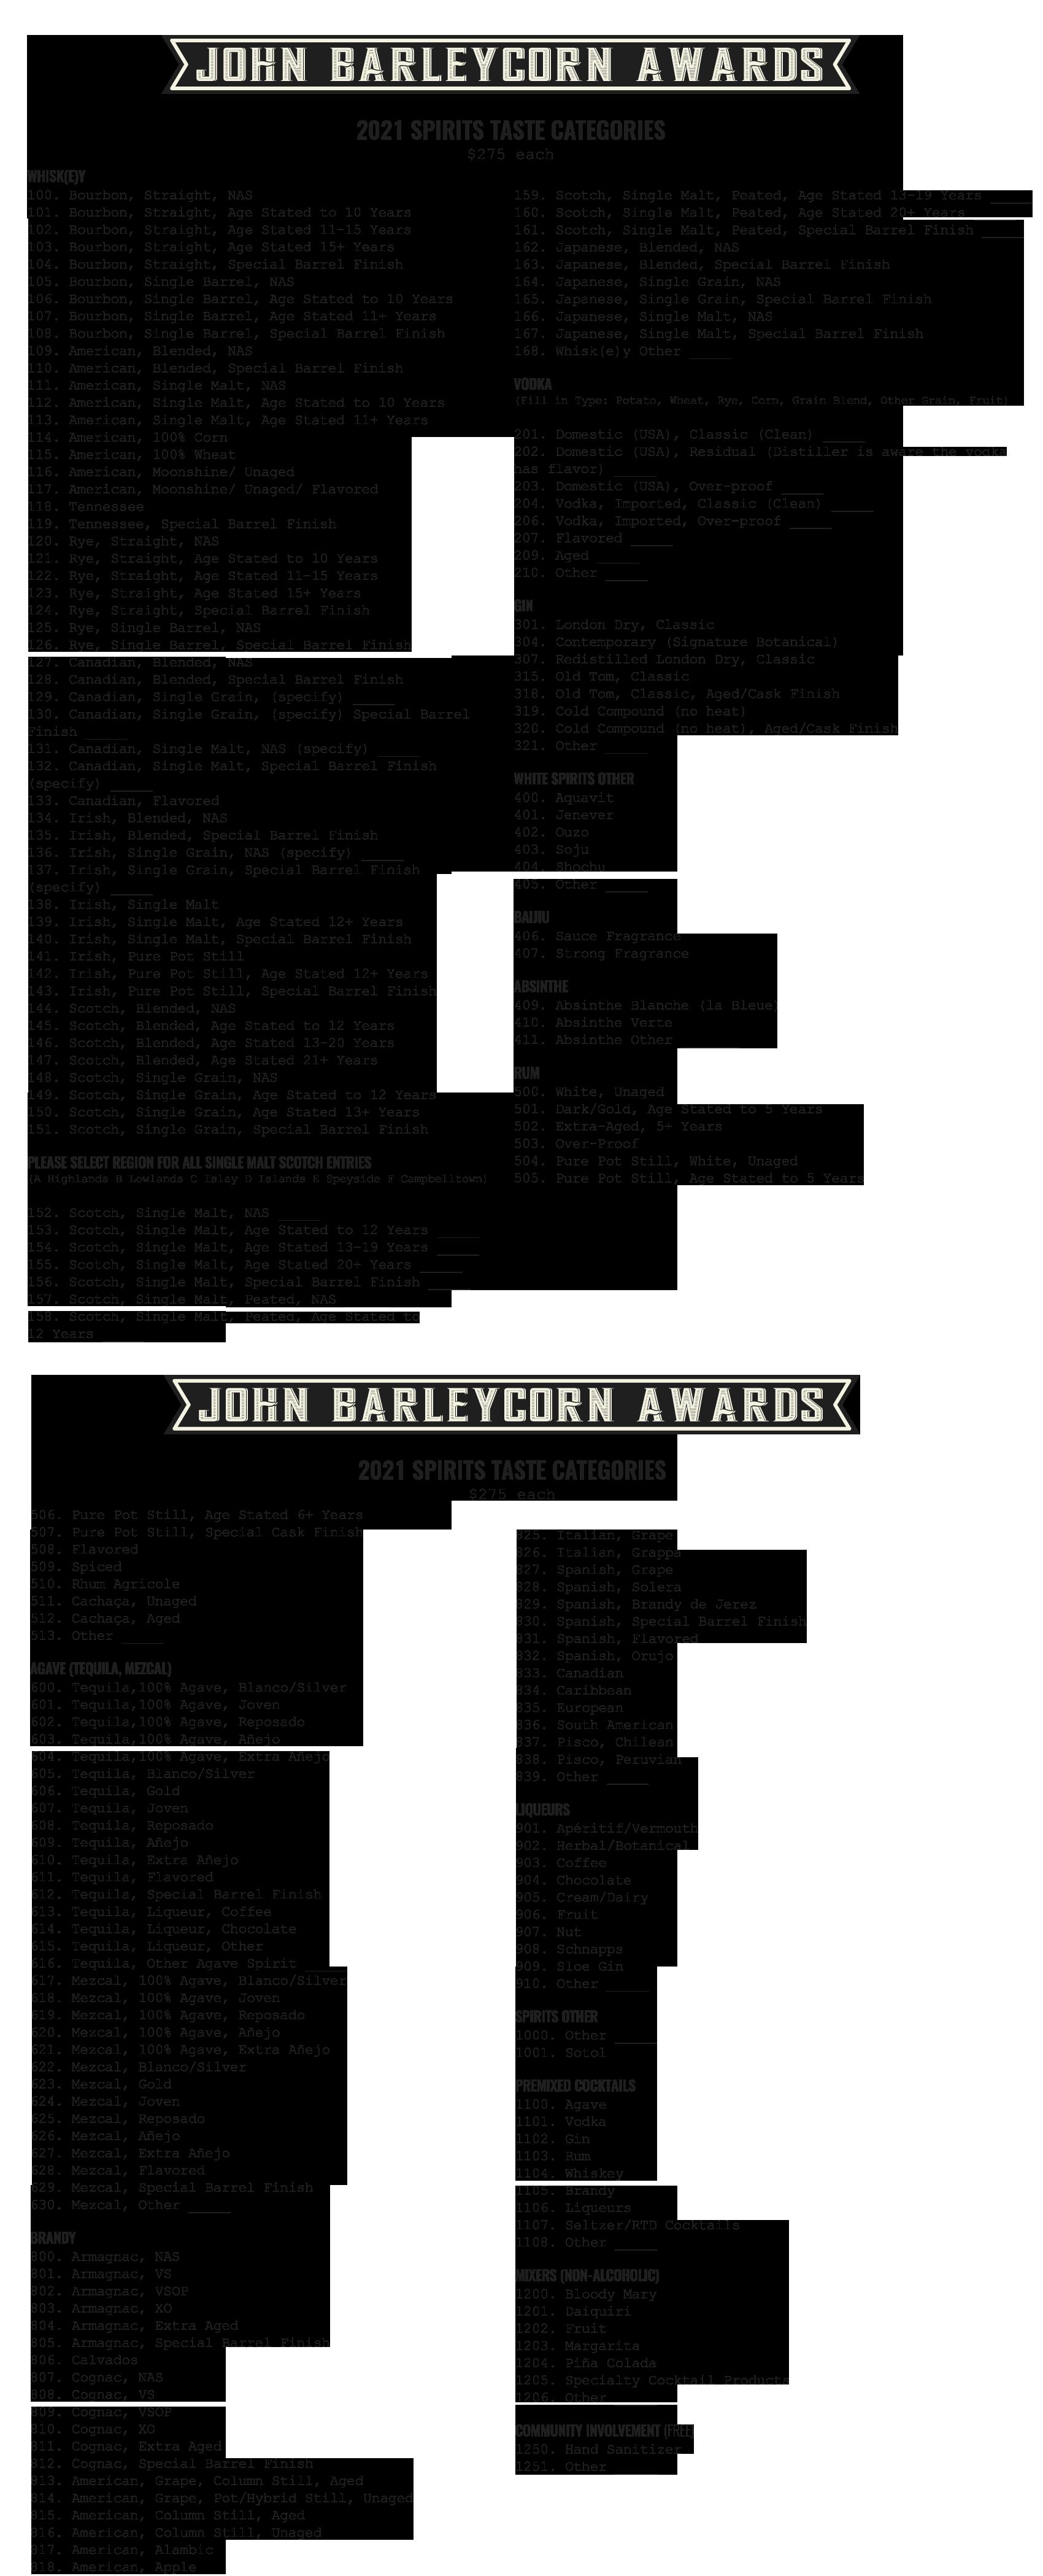 Categories 2021